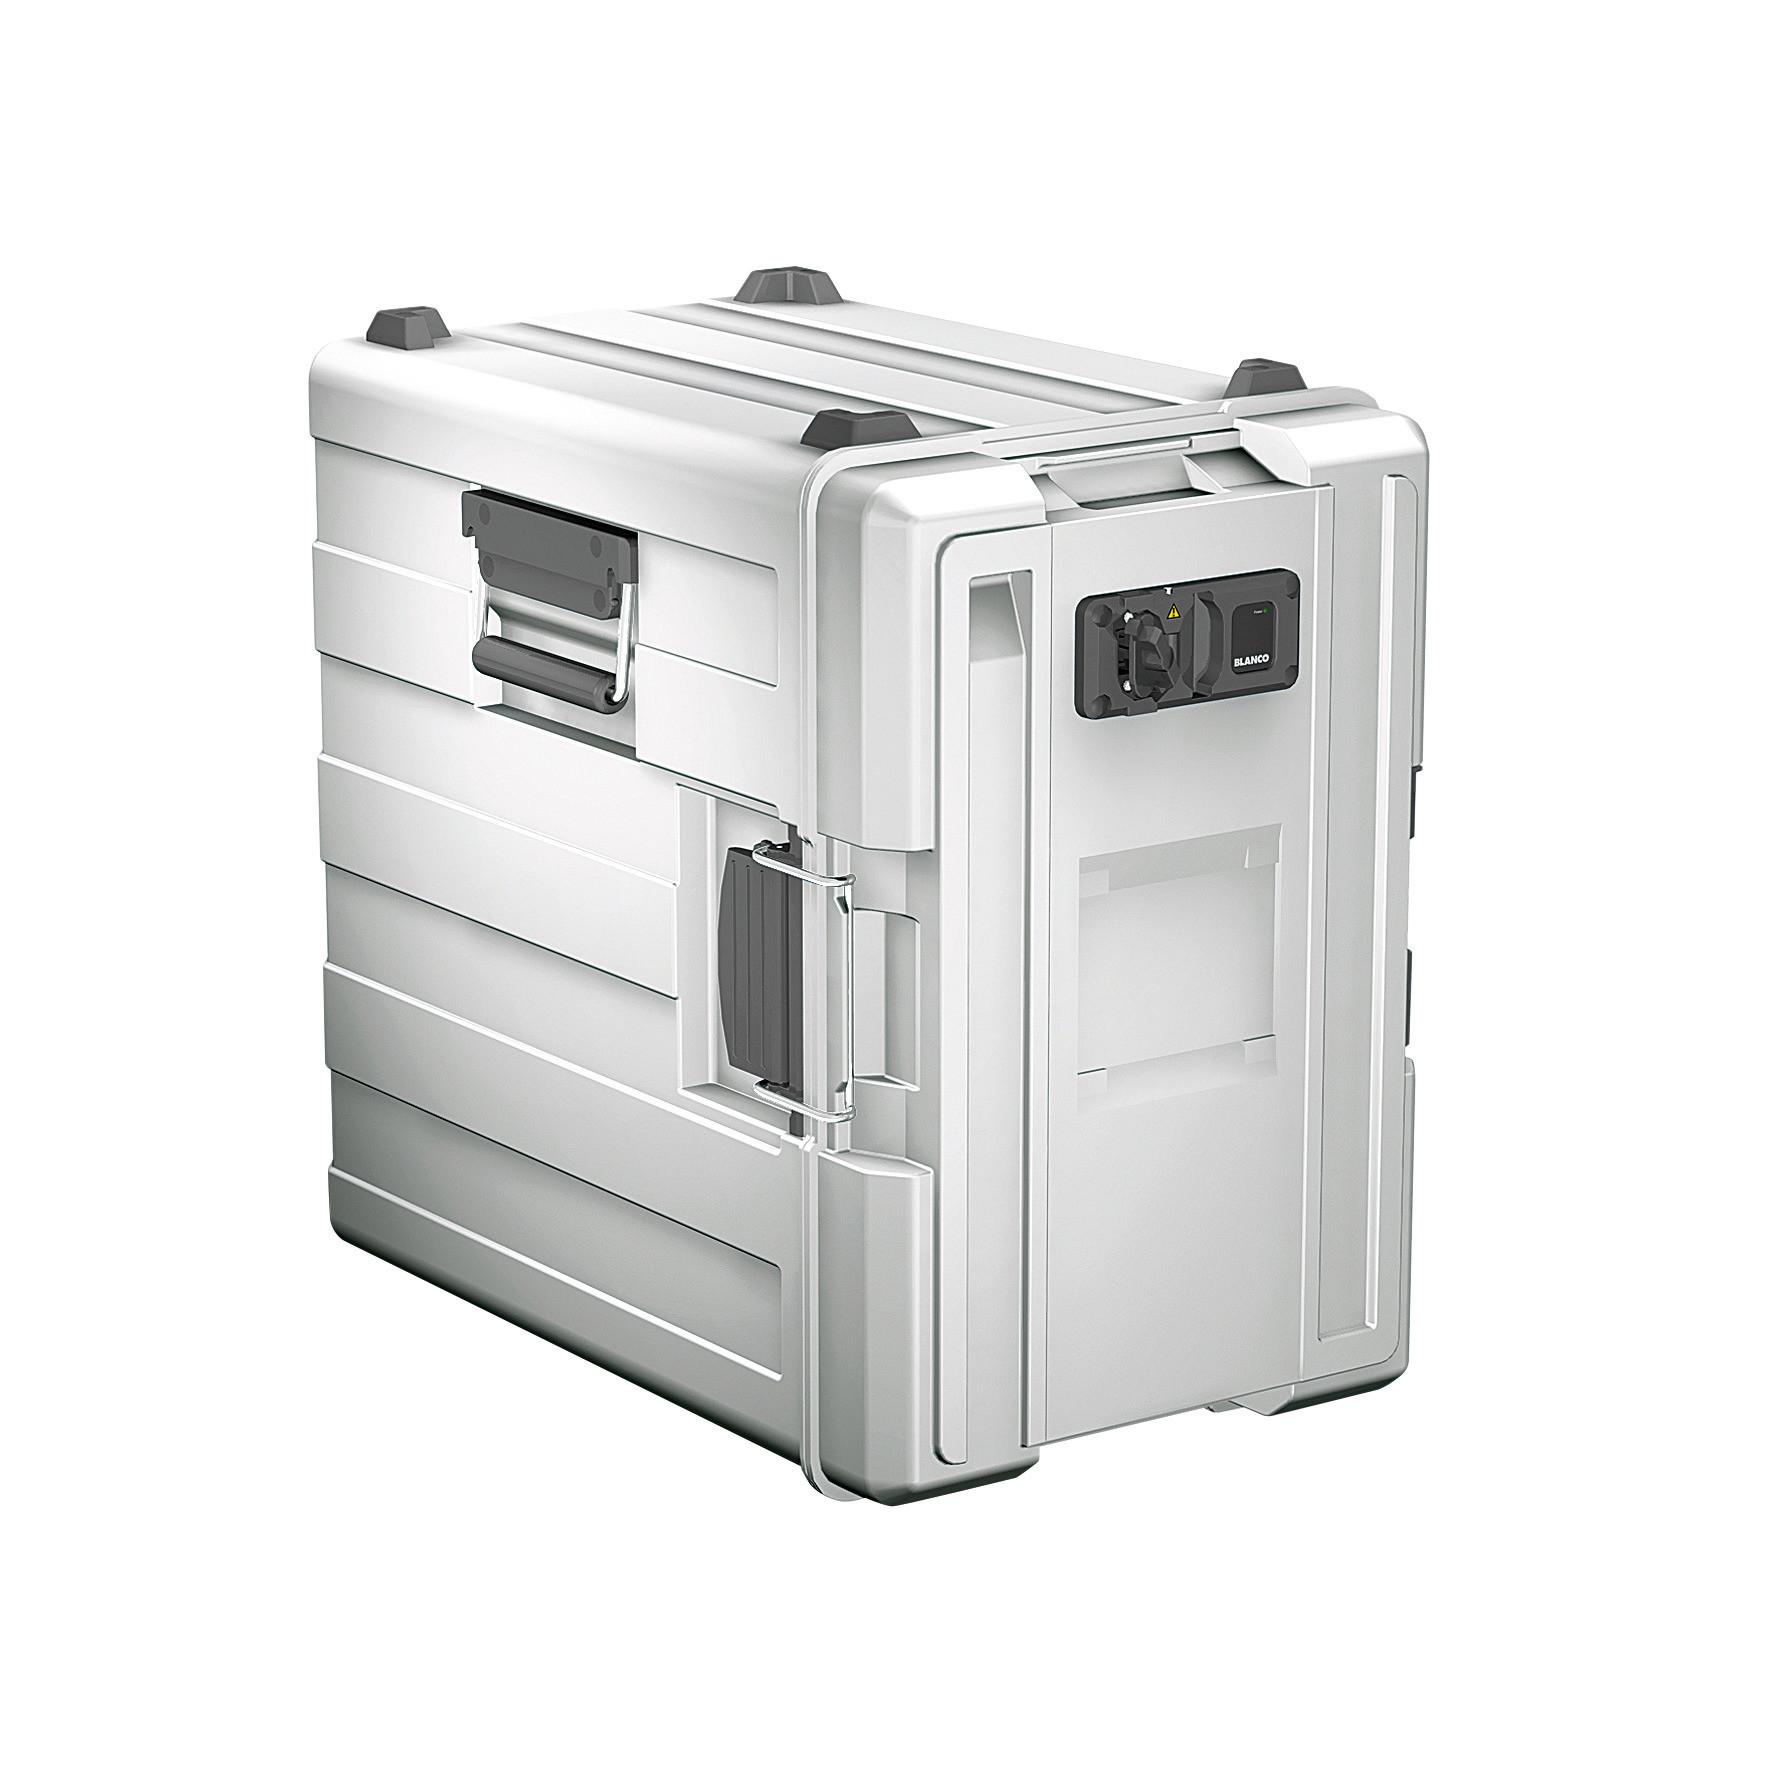 Blancotherm Frontlader Kunststoff / beheizt / 3 x GN 1/1 / mit Flügeltür